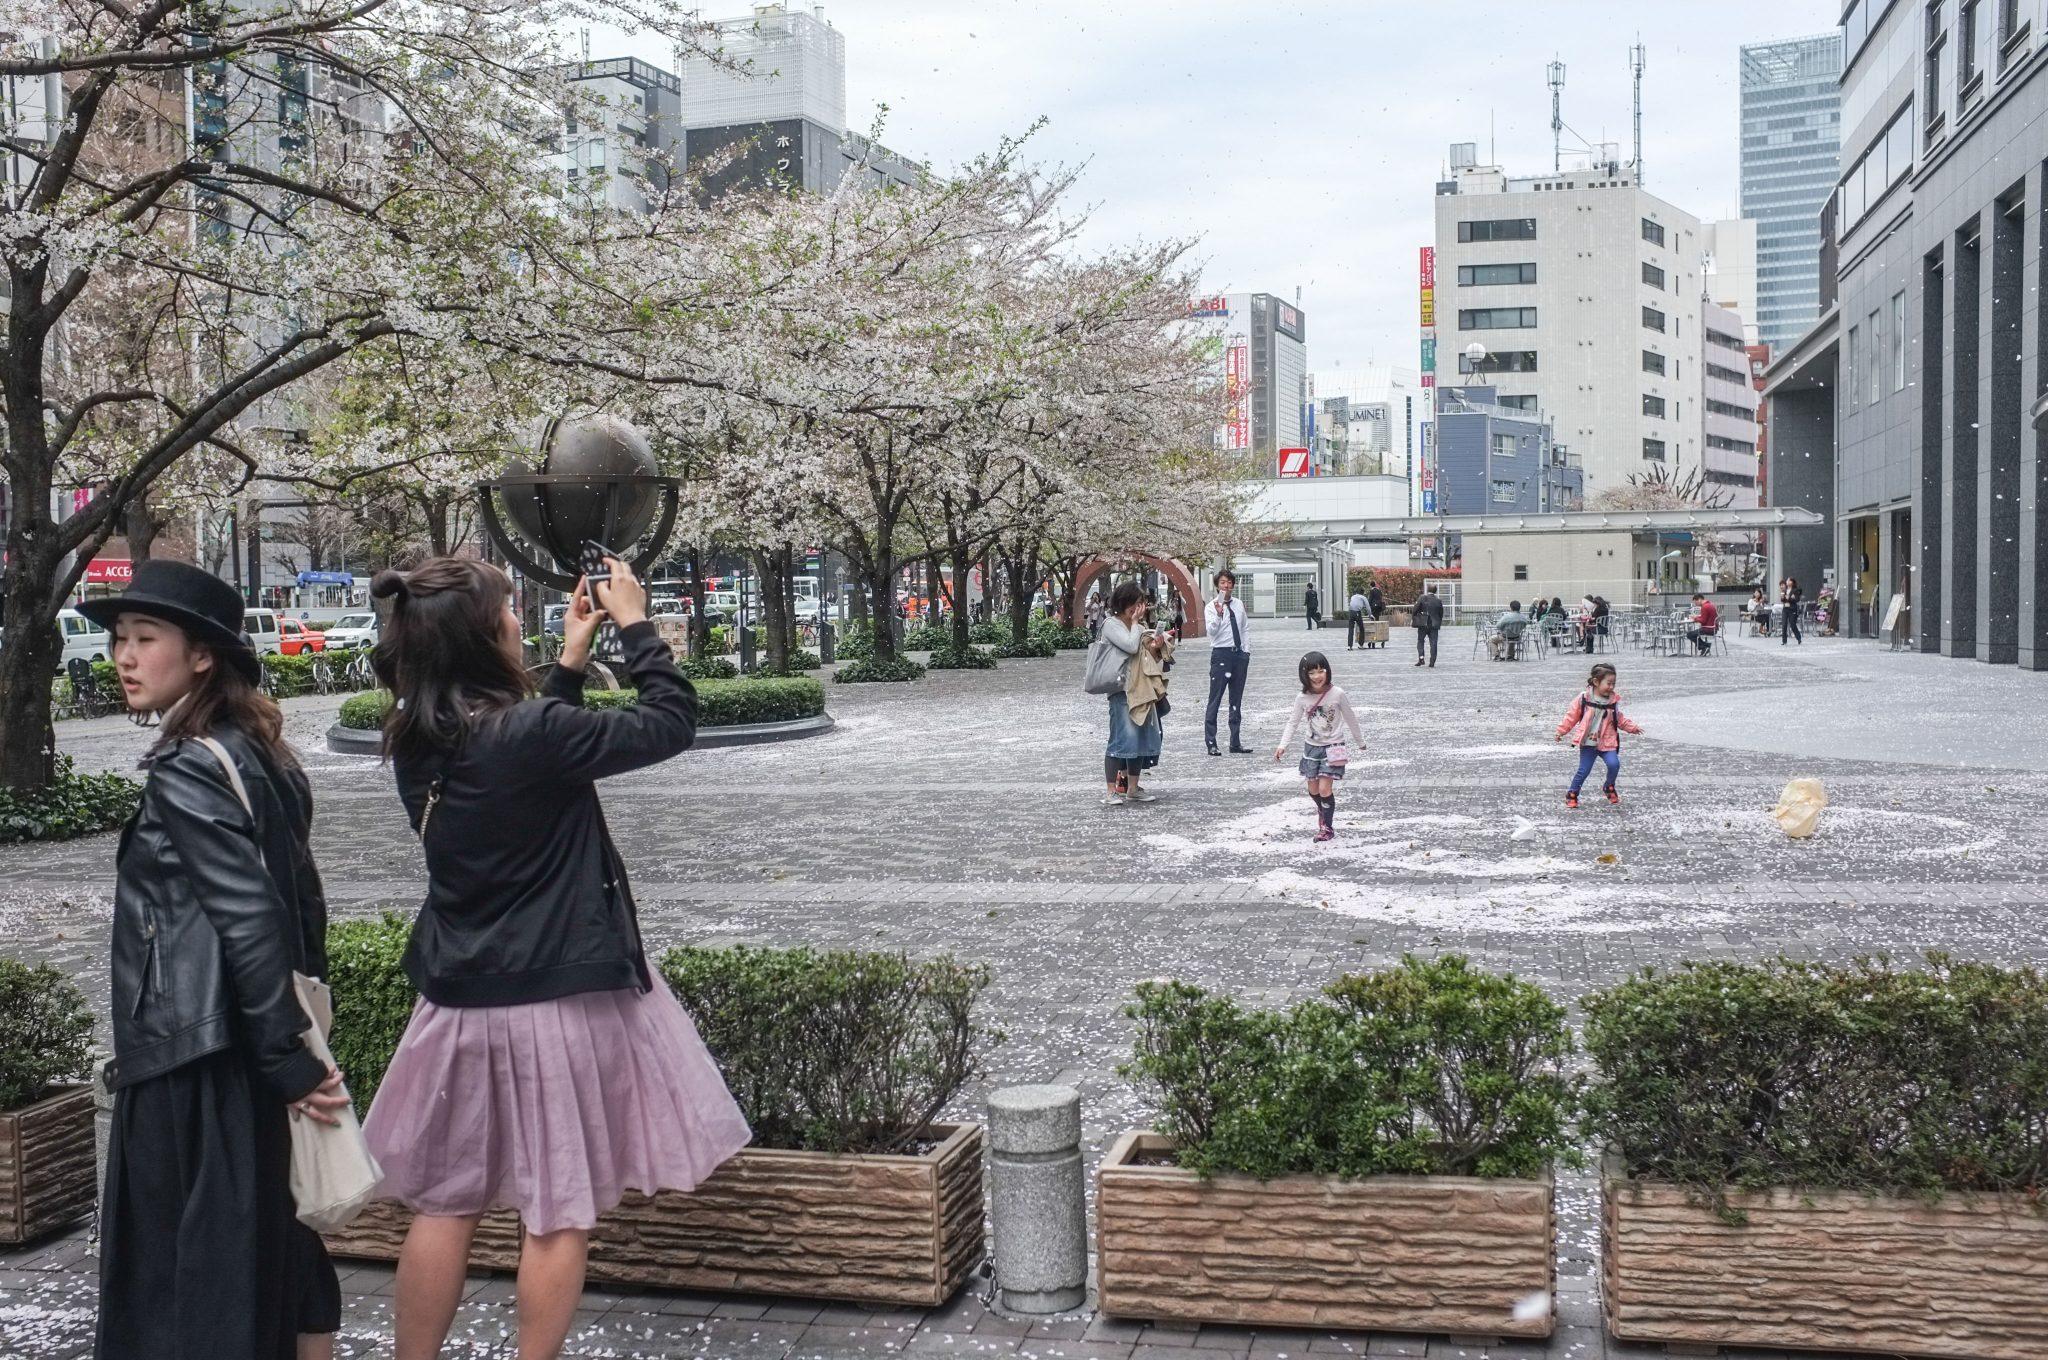 Japanilainen katumaisema ja ihmisiä kirsikankukkien putoamisen aikaan